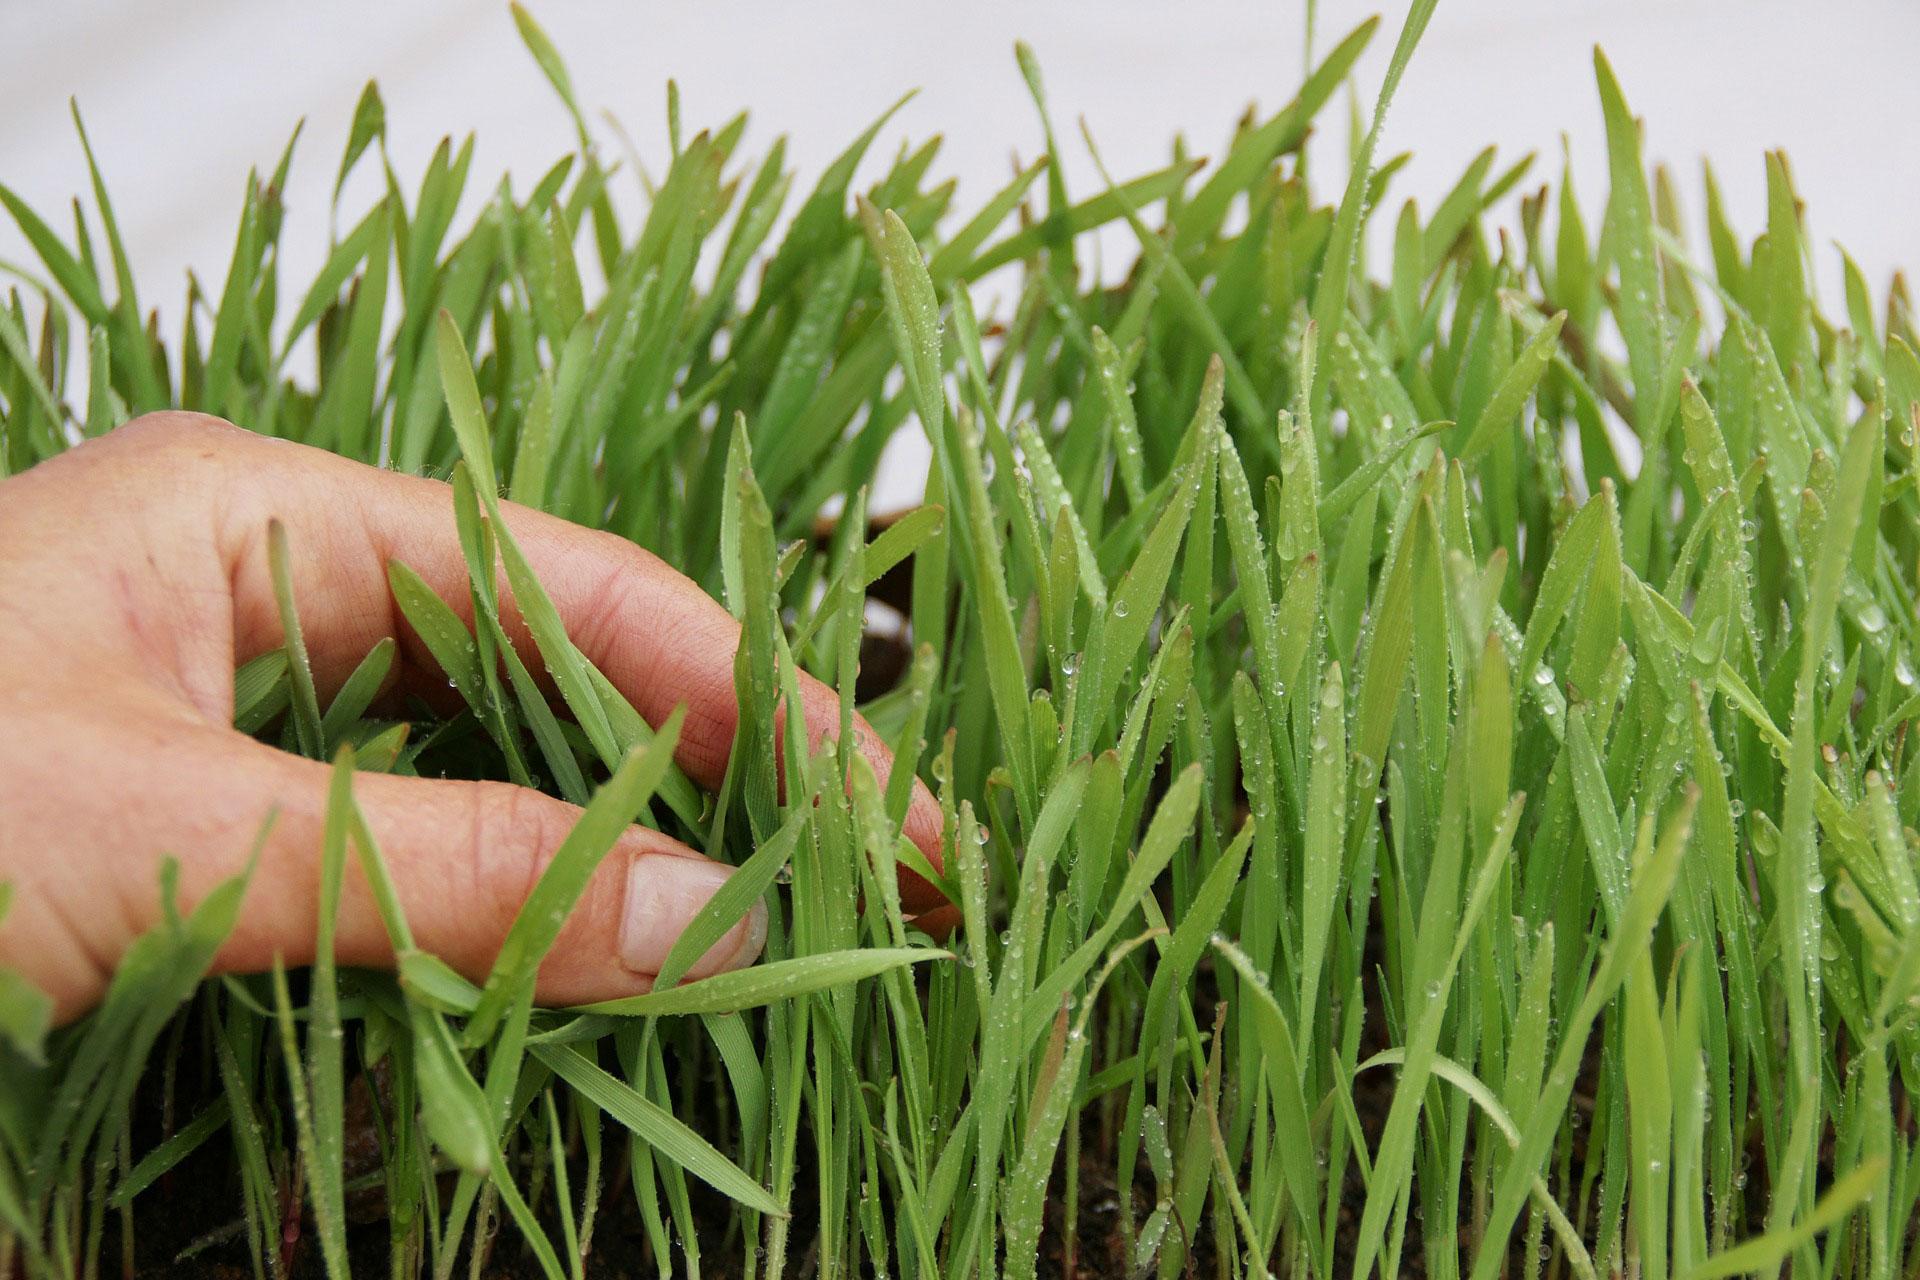 Gras-Hand